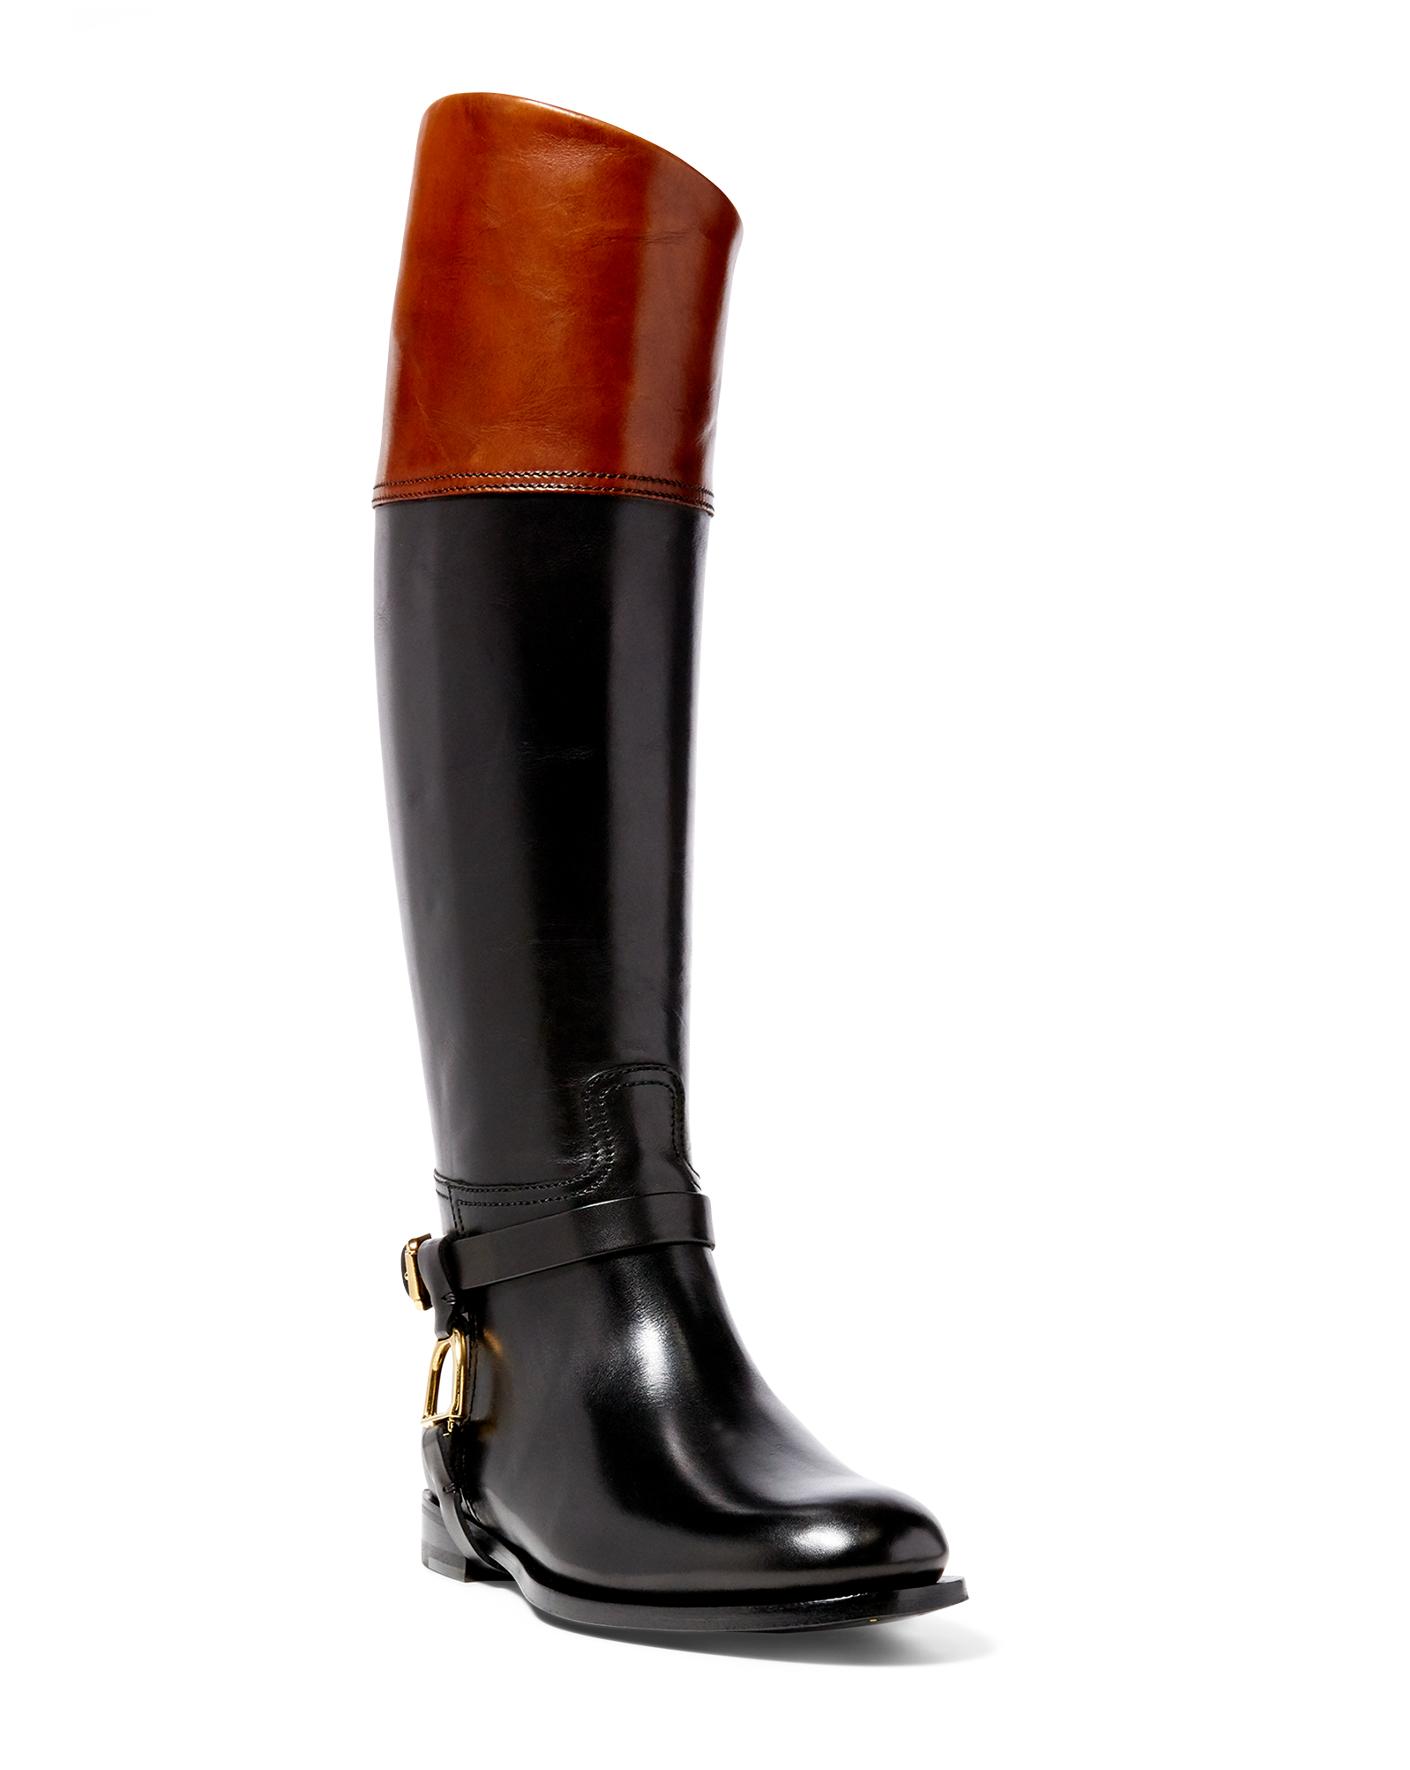 Women's Boots & Booties - Riding, Rain, & More | Ralph Lauren